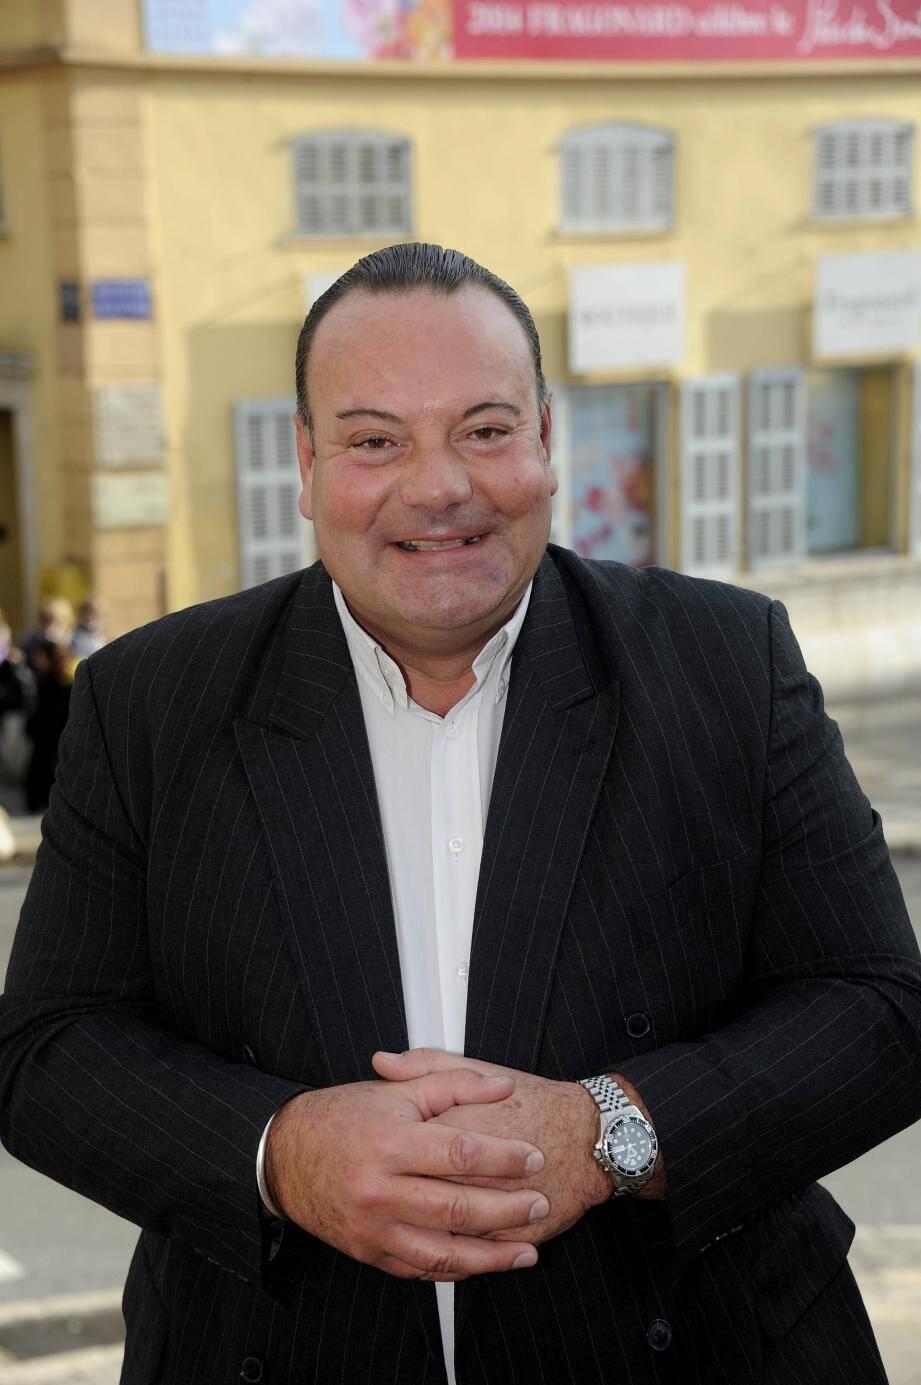 Le conseiller municipal frontiste de Grasse déclaré inéligible